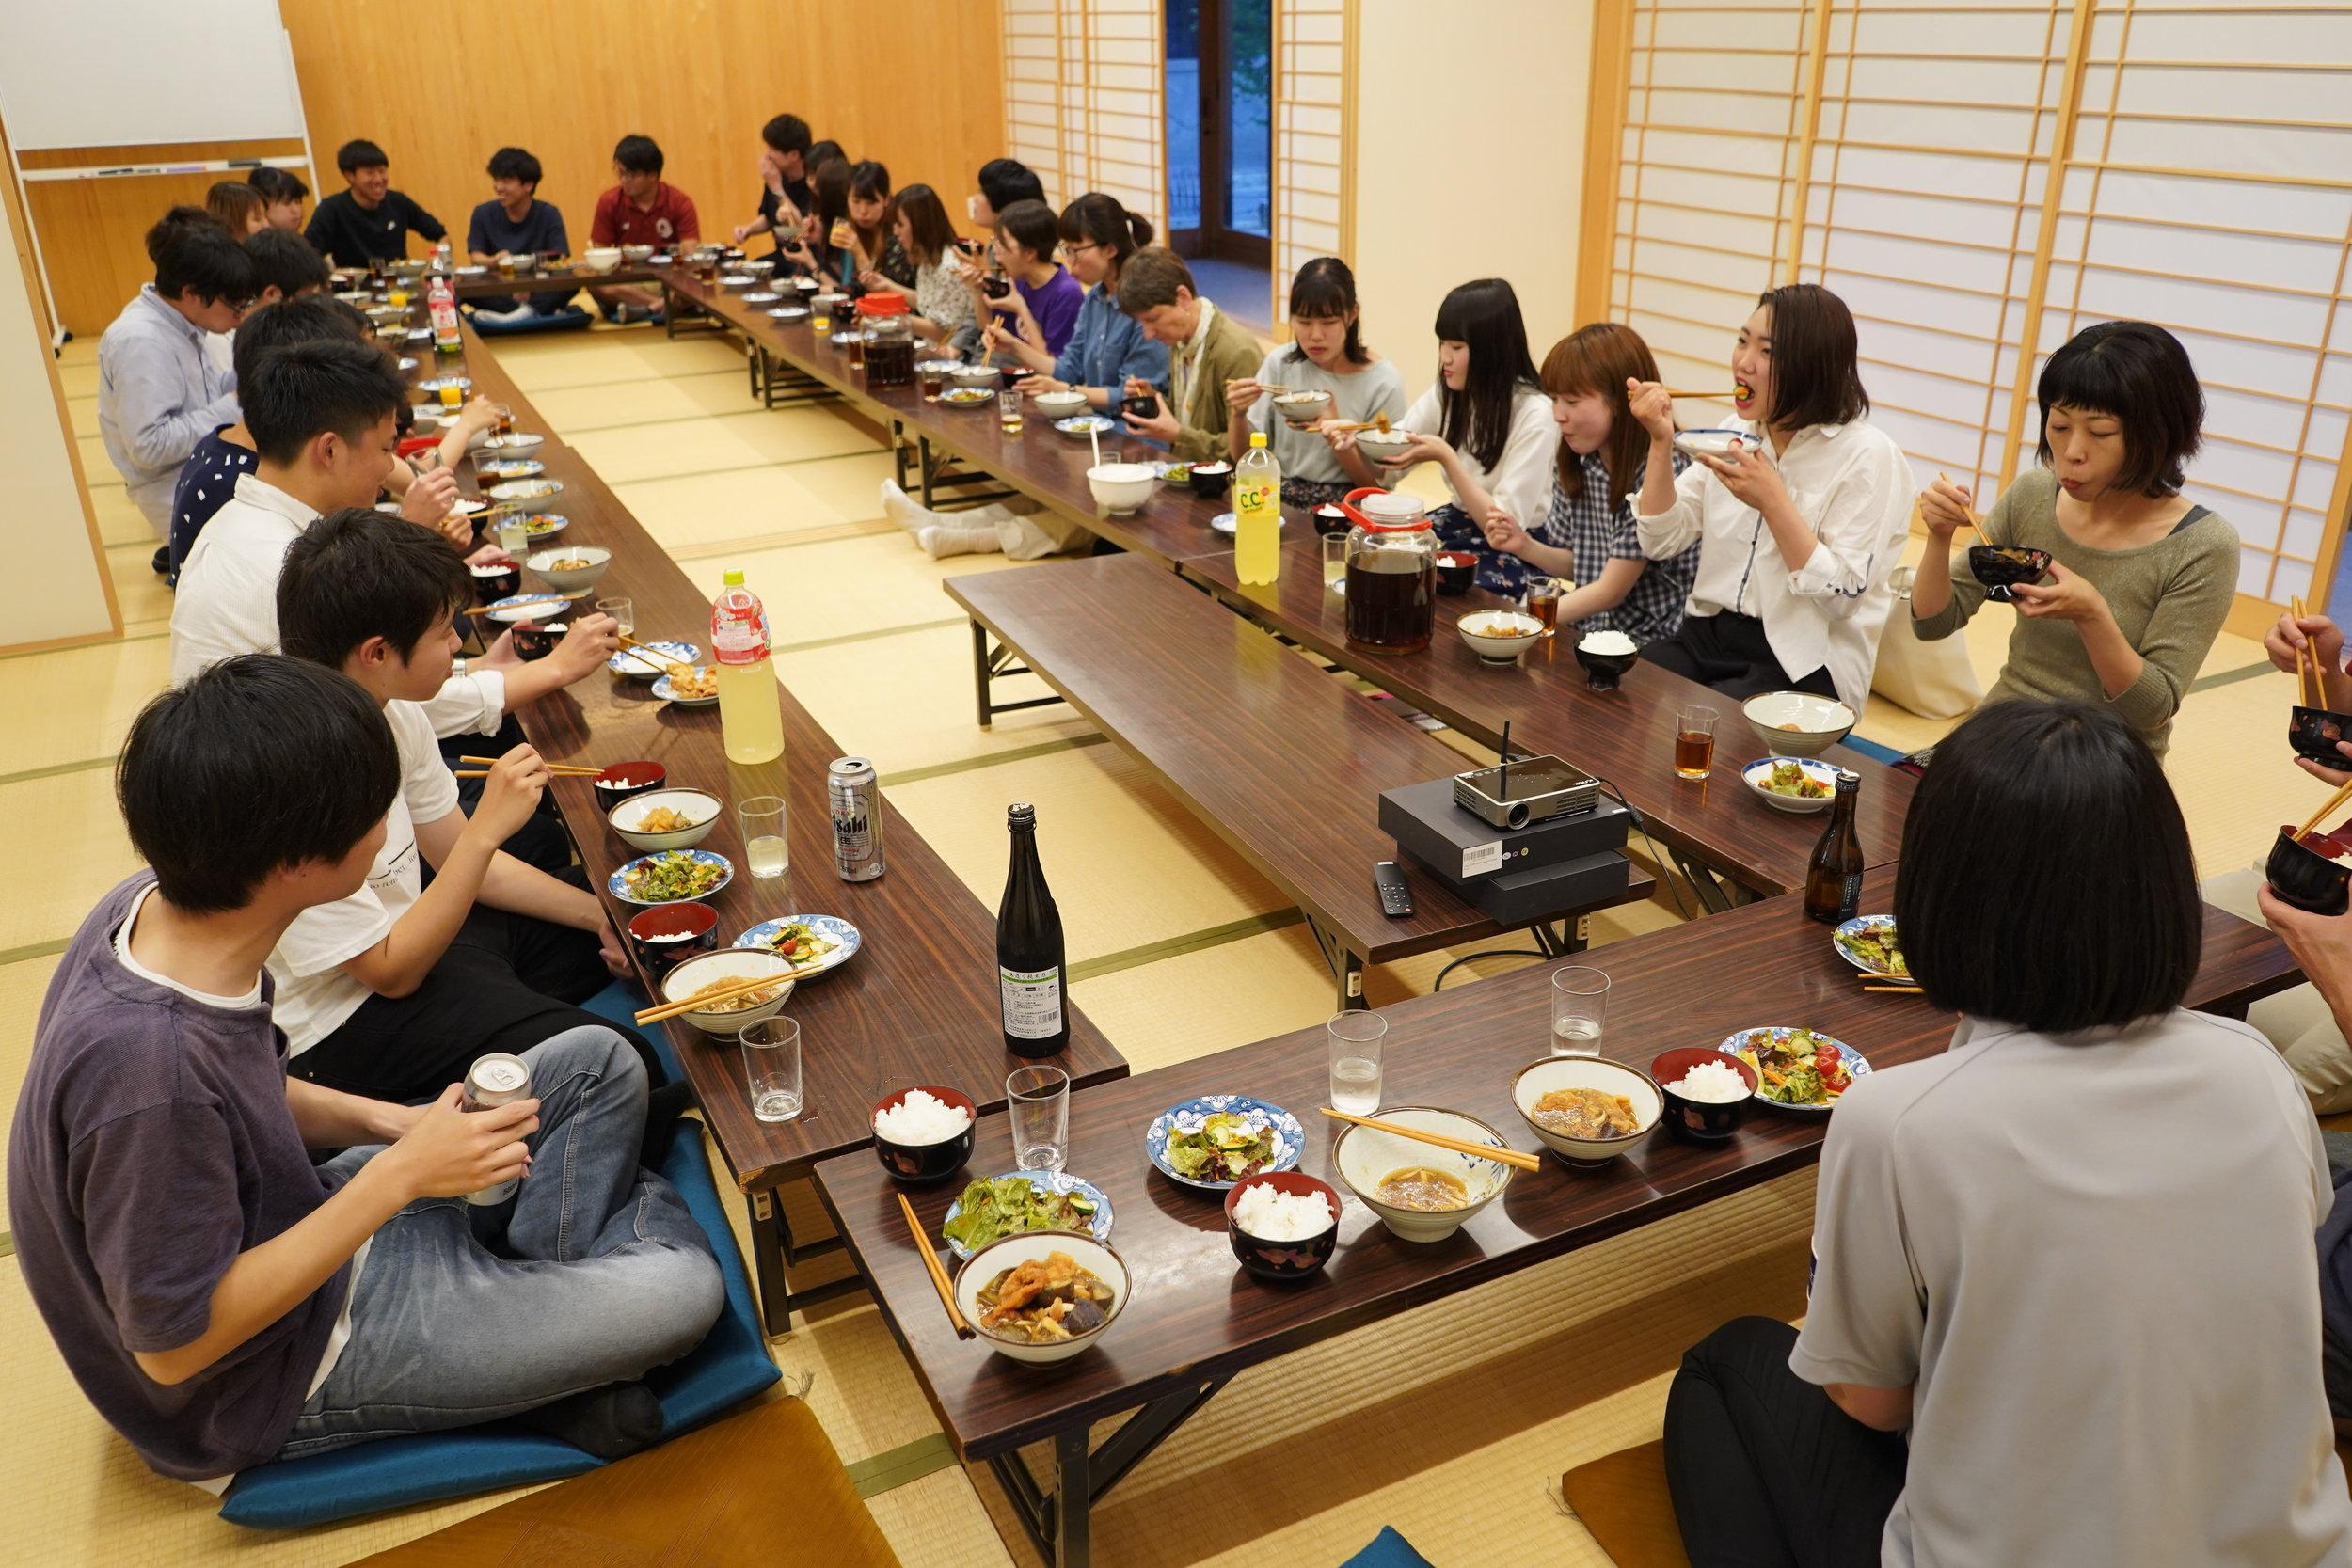 みんなで協力して夕食を作り、直島ホールで一緒に食べました。 Students prepared dinner and ate together in Naoshima Hall.